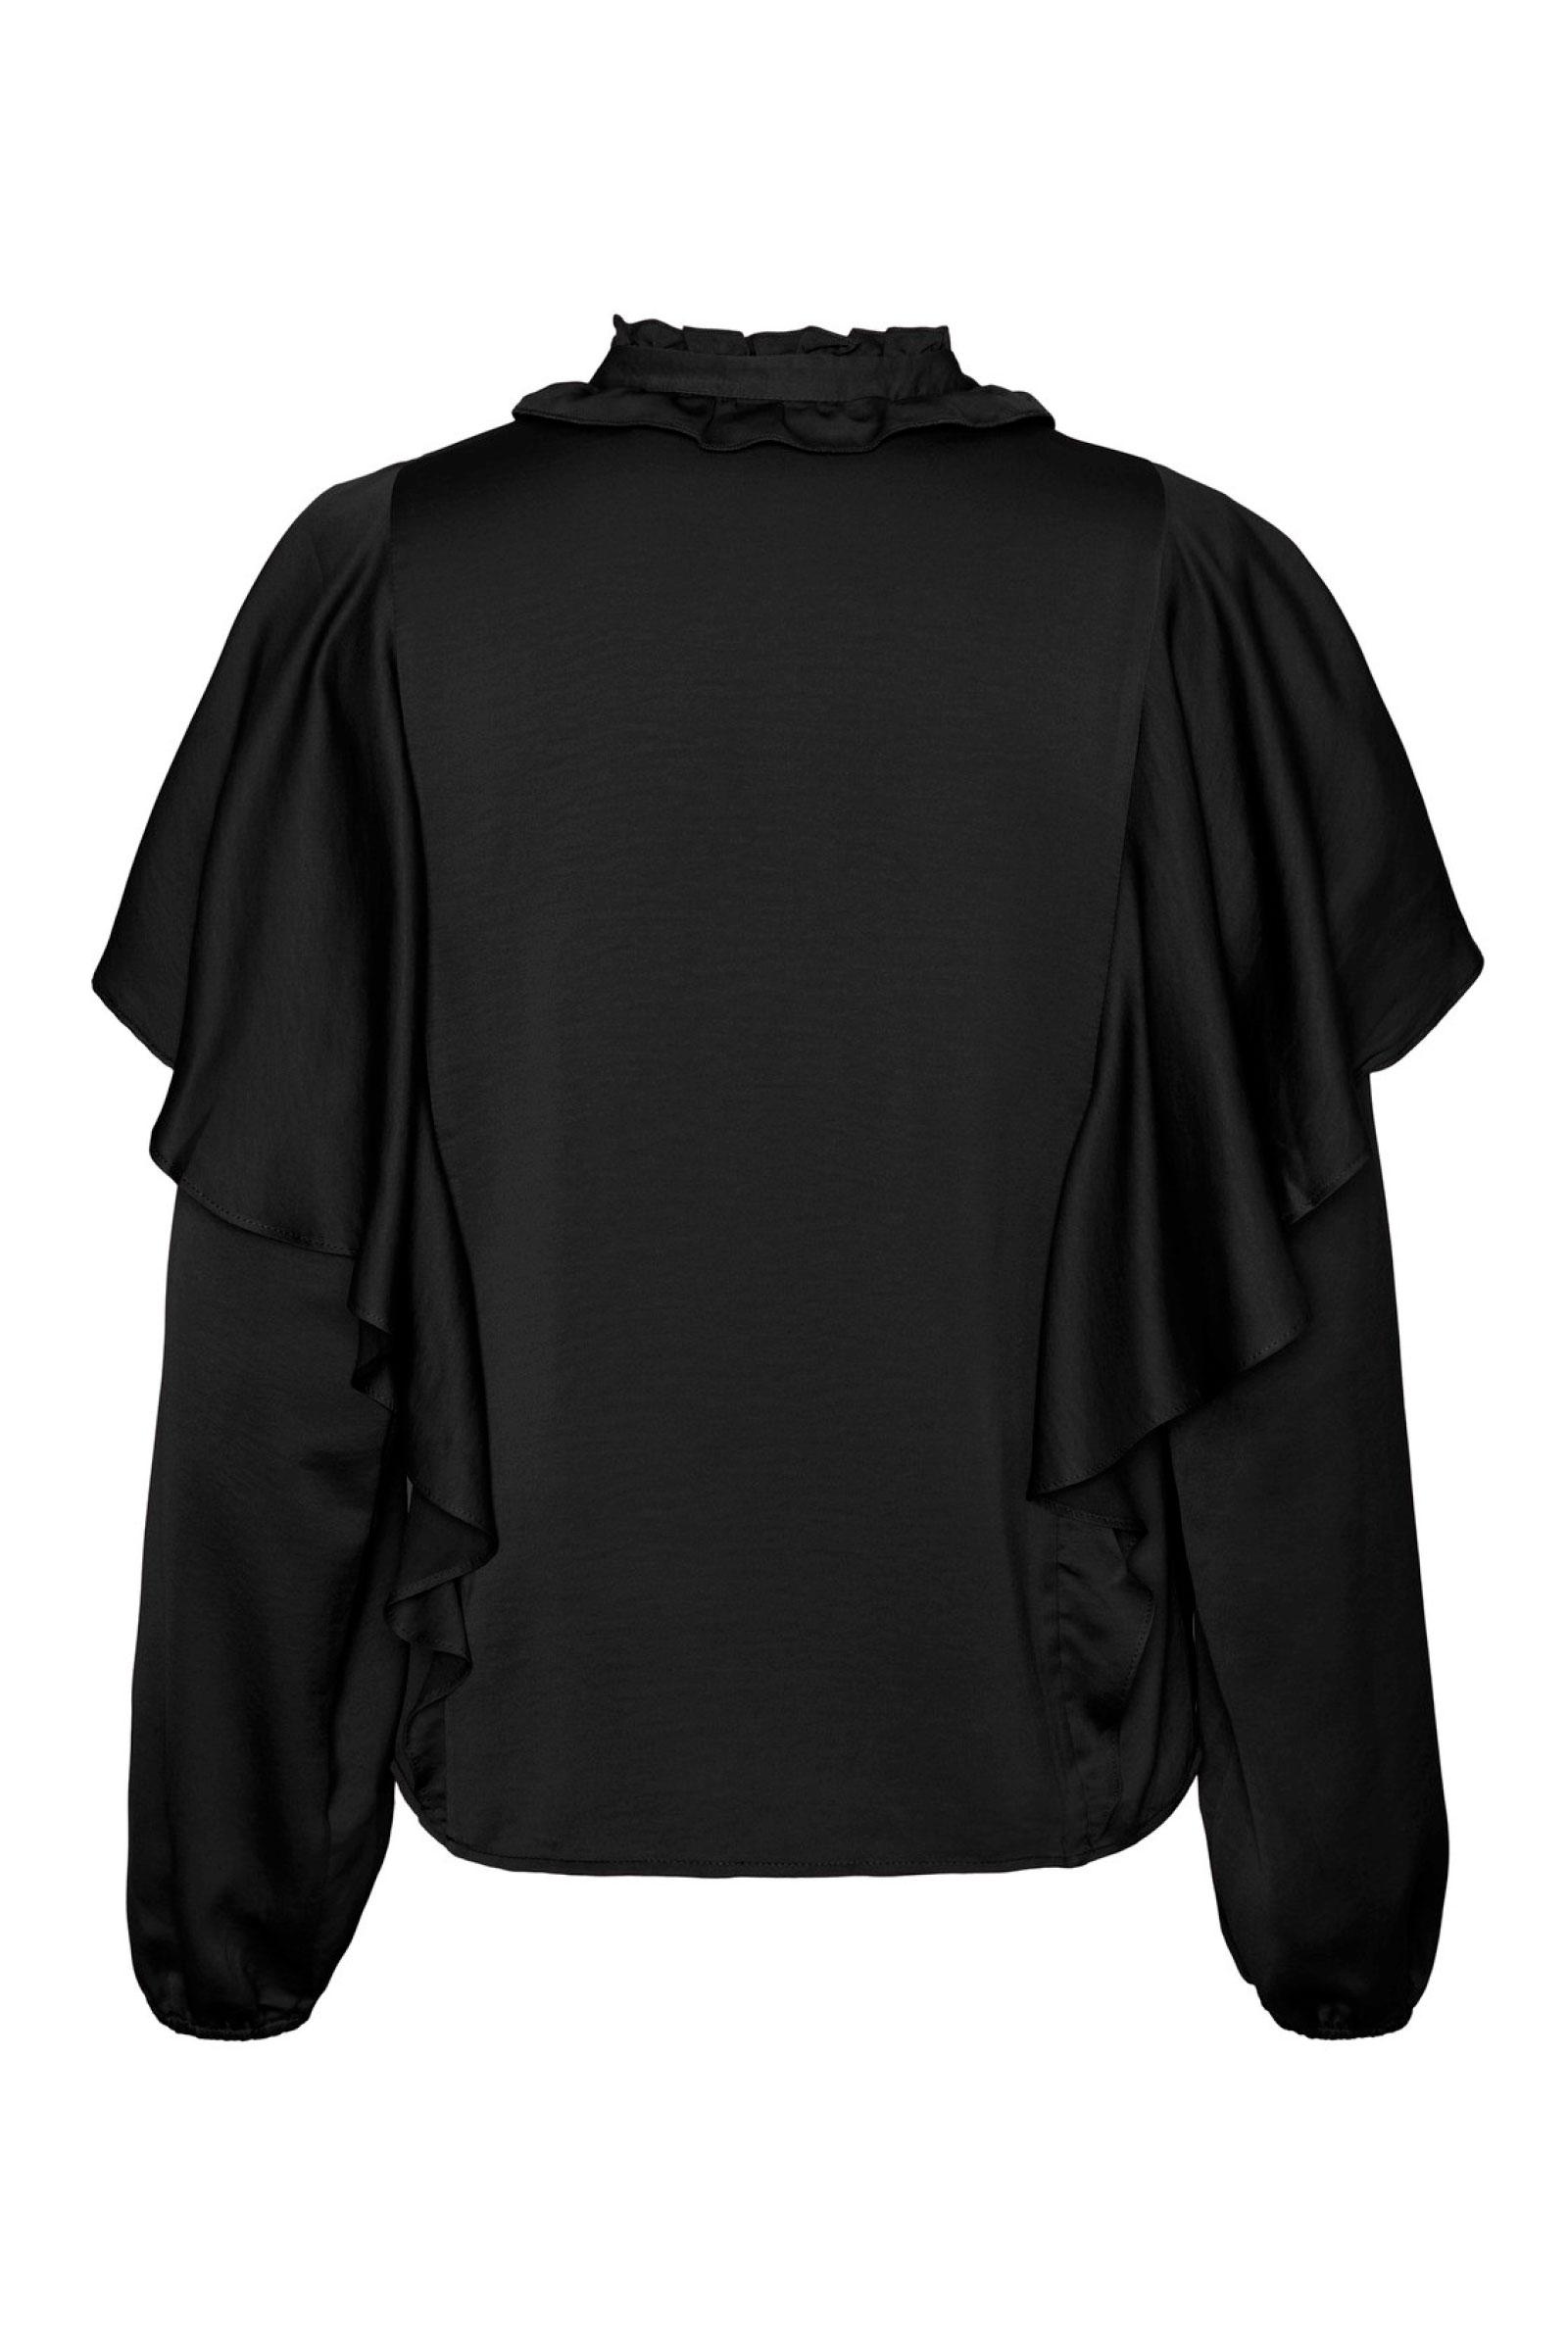 VERO MODA Woman Shirt VERO MODA | Shirt | 10247451Black